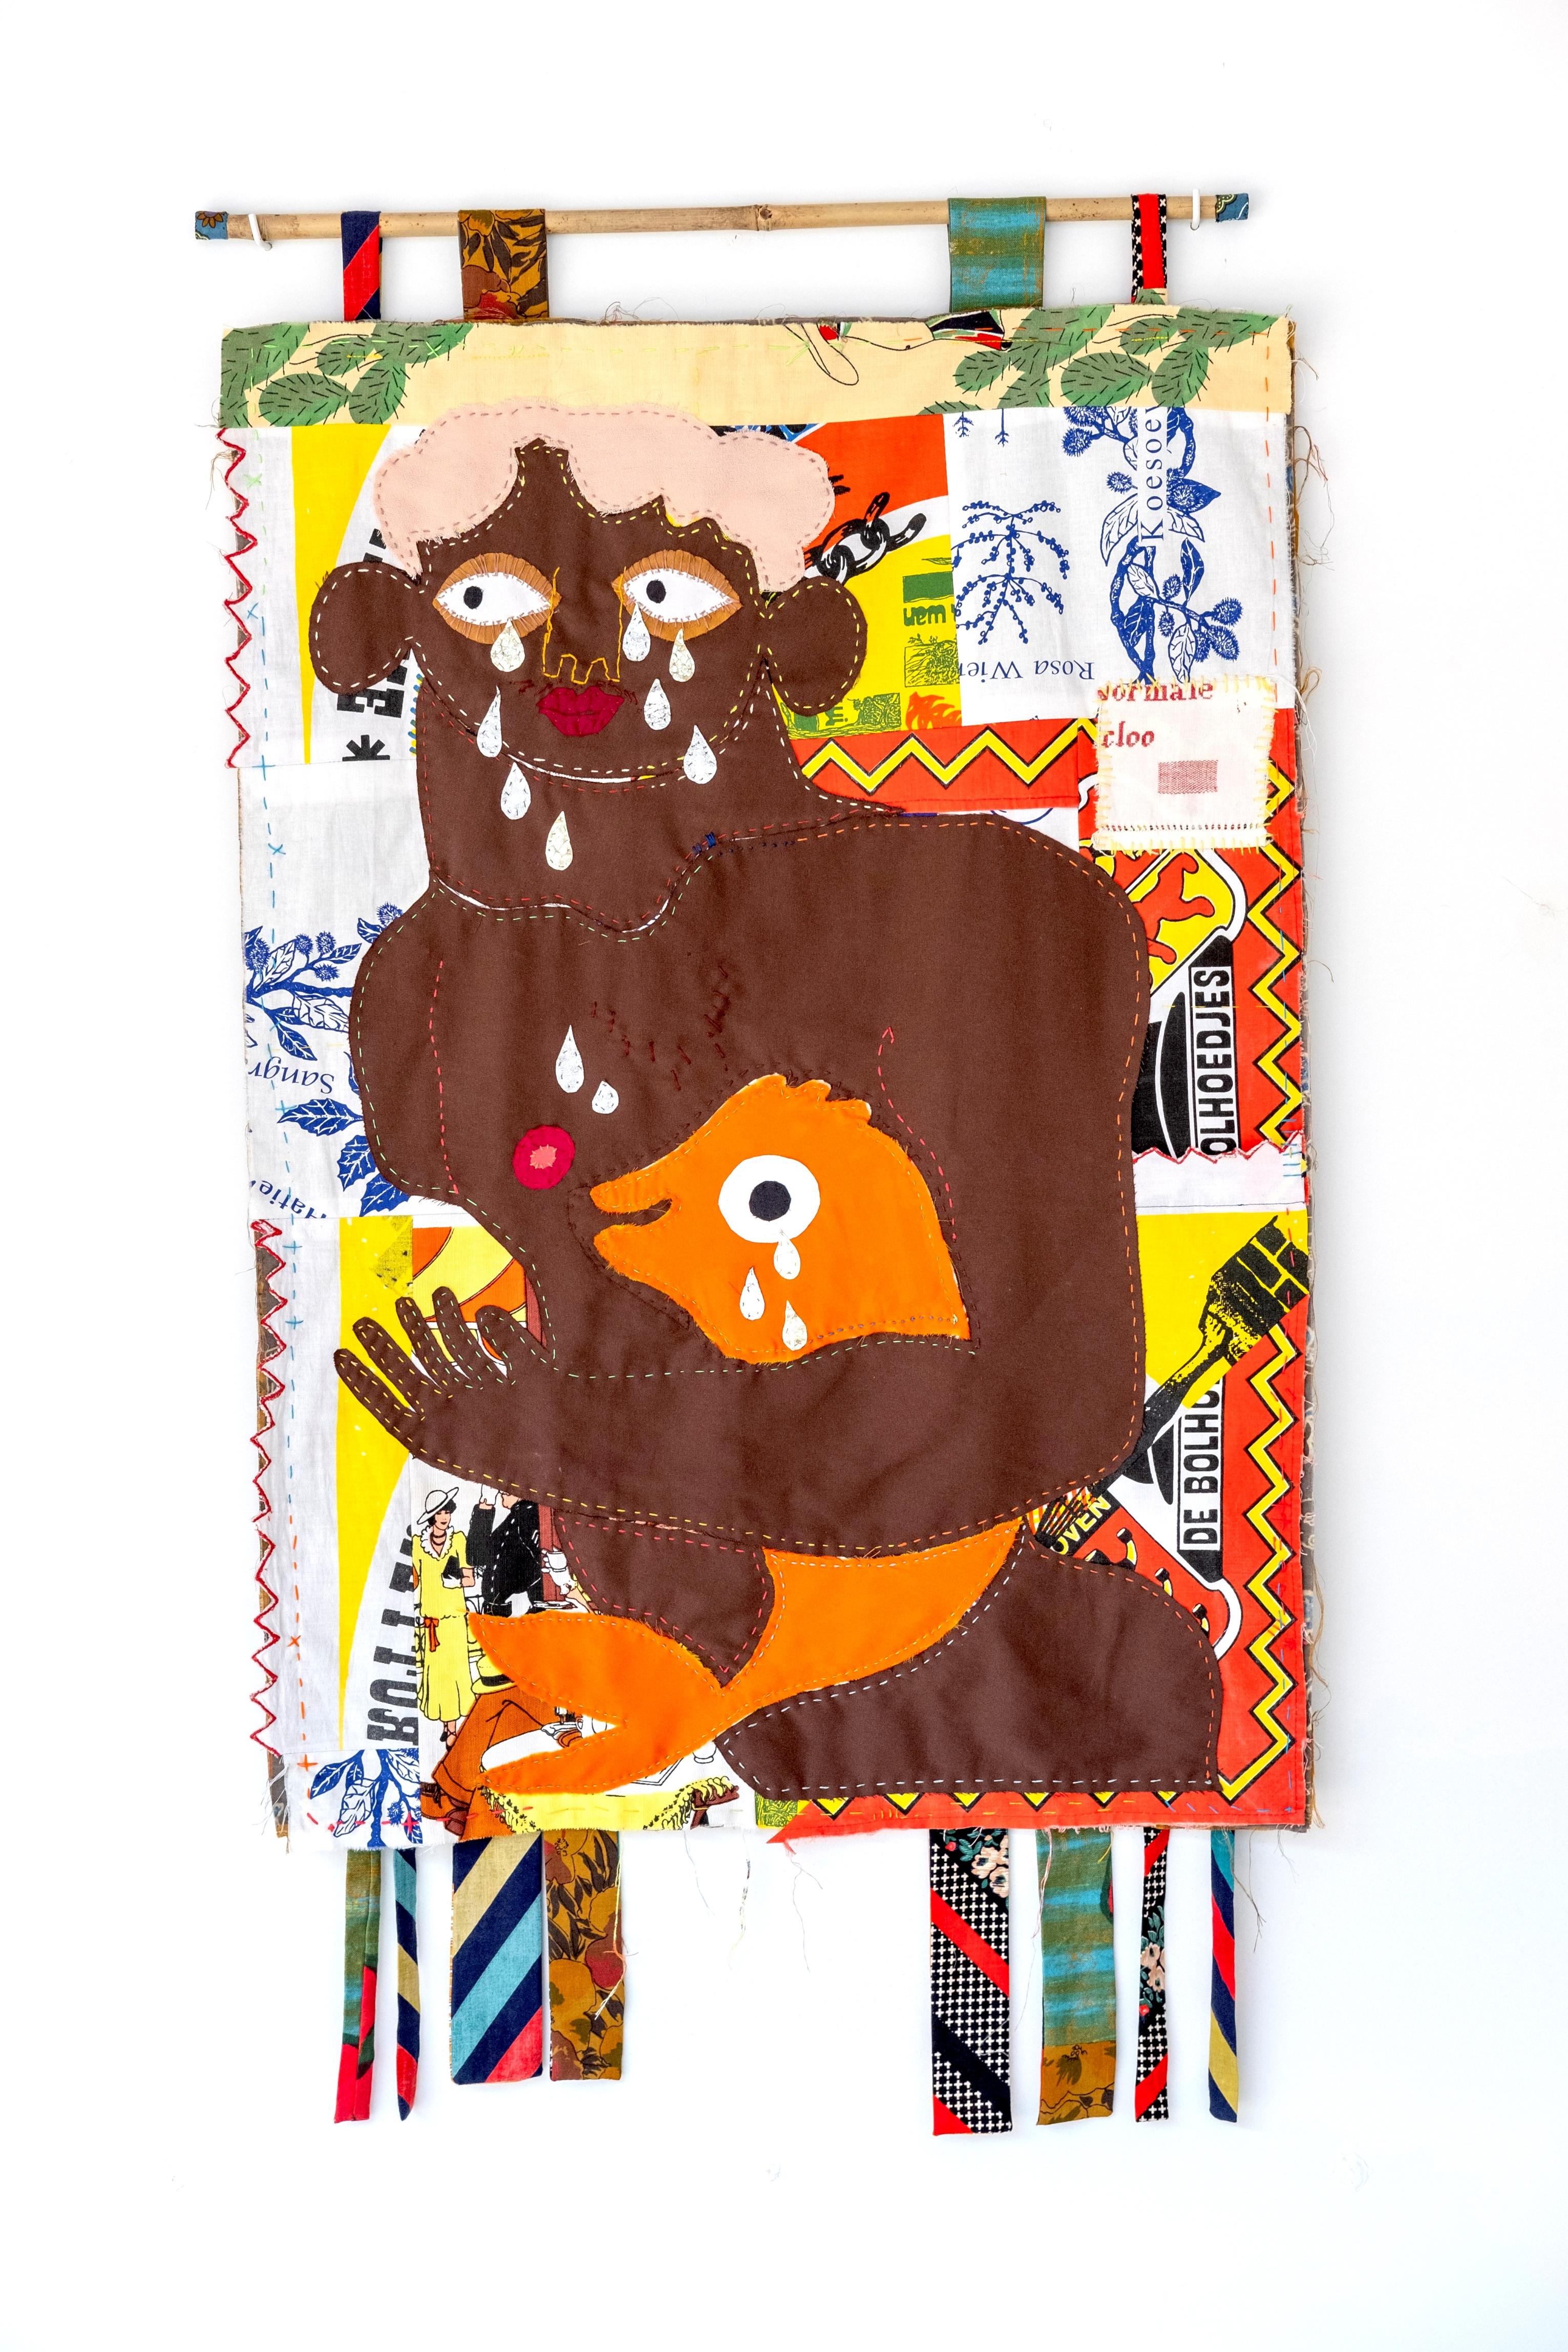 Bas Kosters is een Nederlandse modeontwerper en kunstenaar. Hij staat vooral bekend om zijn textielkunst. Hij werkt graag met wandkleden of quilts. Deze quilt laat een bruin figuur zien met roze haar, die een oranje vis omarmt. Zowel het figuur als de vis huilen. De tranen zijn zilver kleurig of van glitter. Dit werk is nu te zien in Museum Rijswijk in de tentoonstelling Wolzak & Kosters: Serious International Business | Crafts Council Nederland